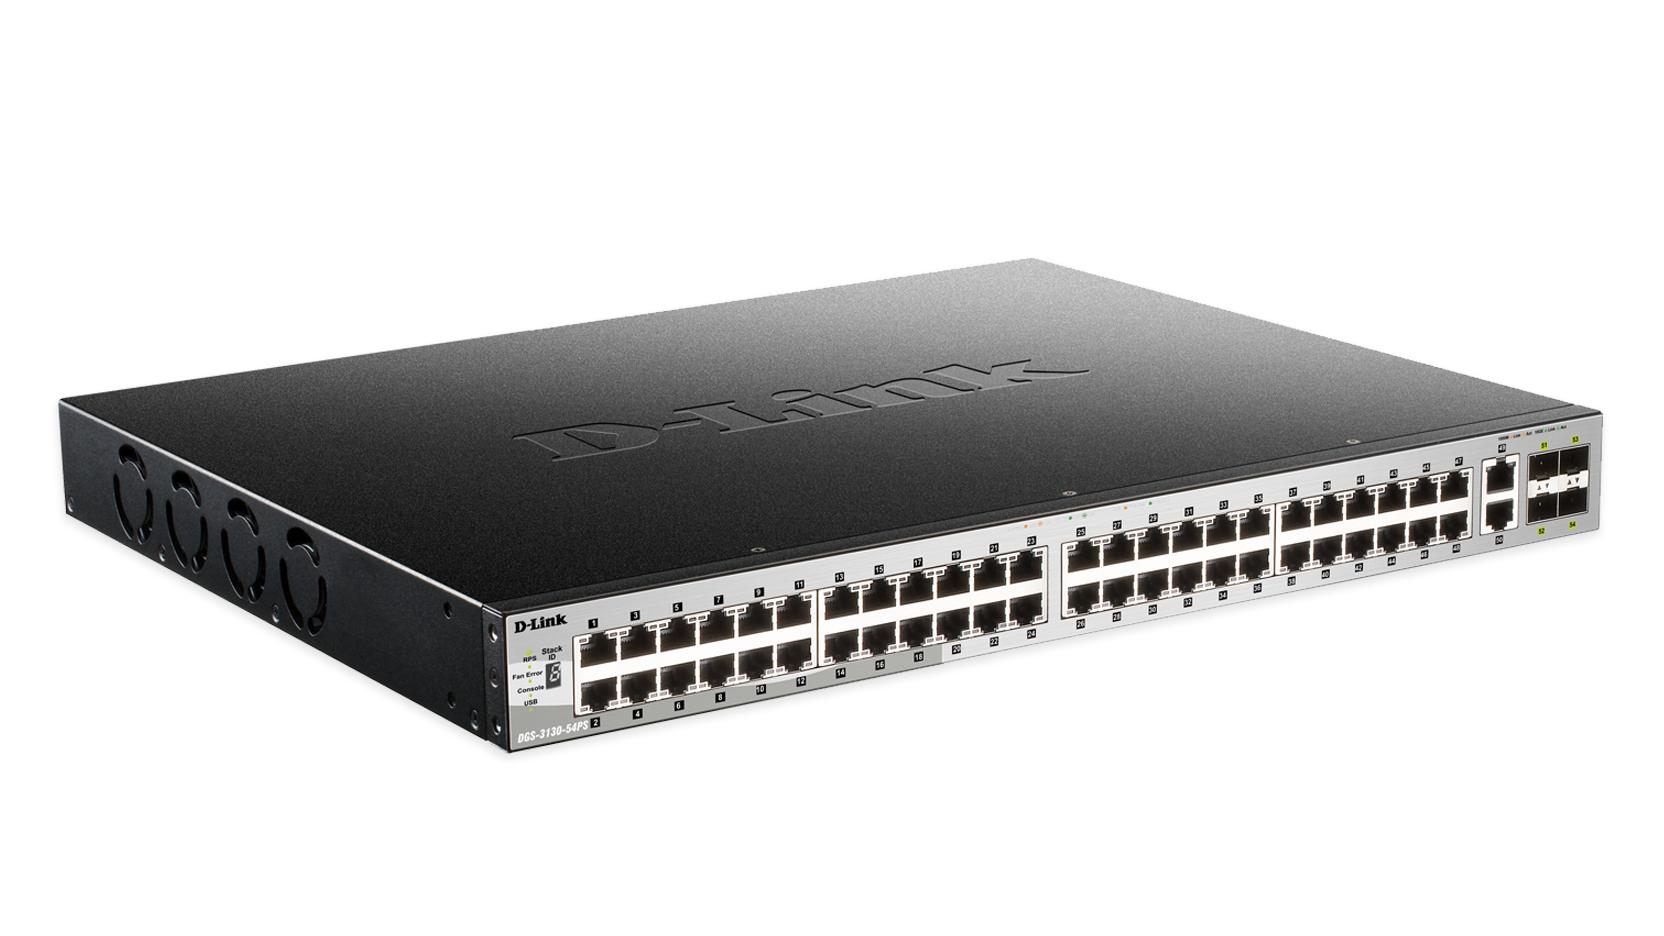 D-Link DGS-3130-54PS Gestionado L3 Gigabit Ethernet (10/100/1000) Negro, Gris Energía sobre Ethernet (PoE)